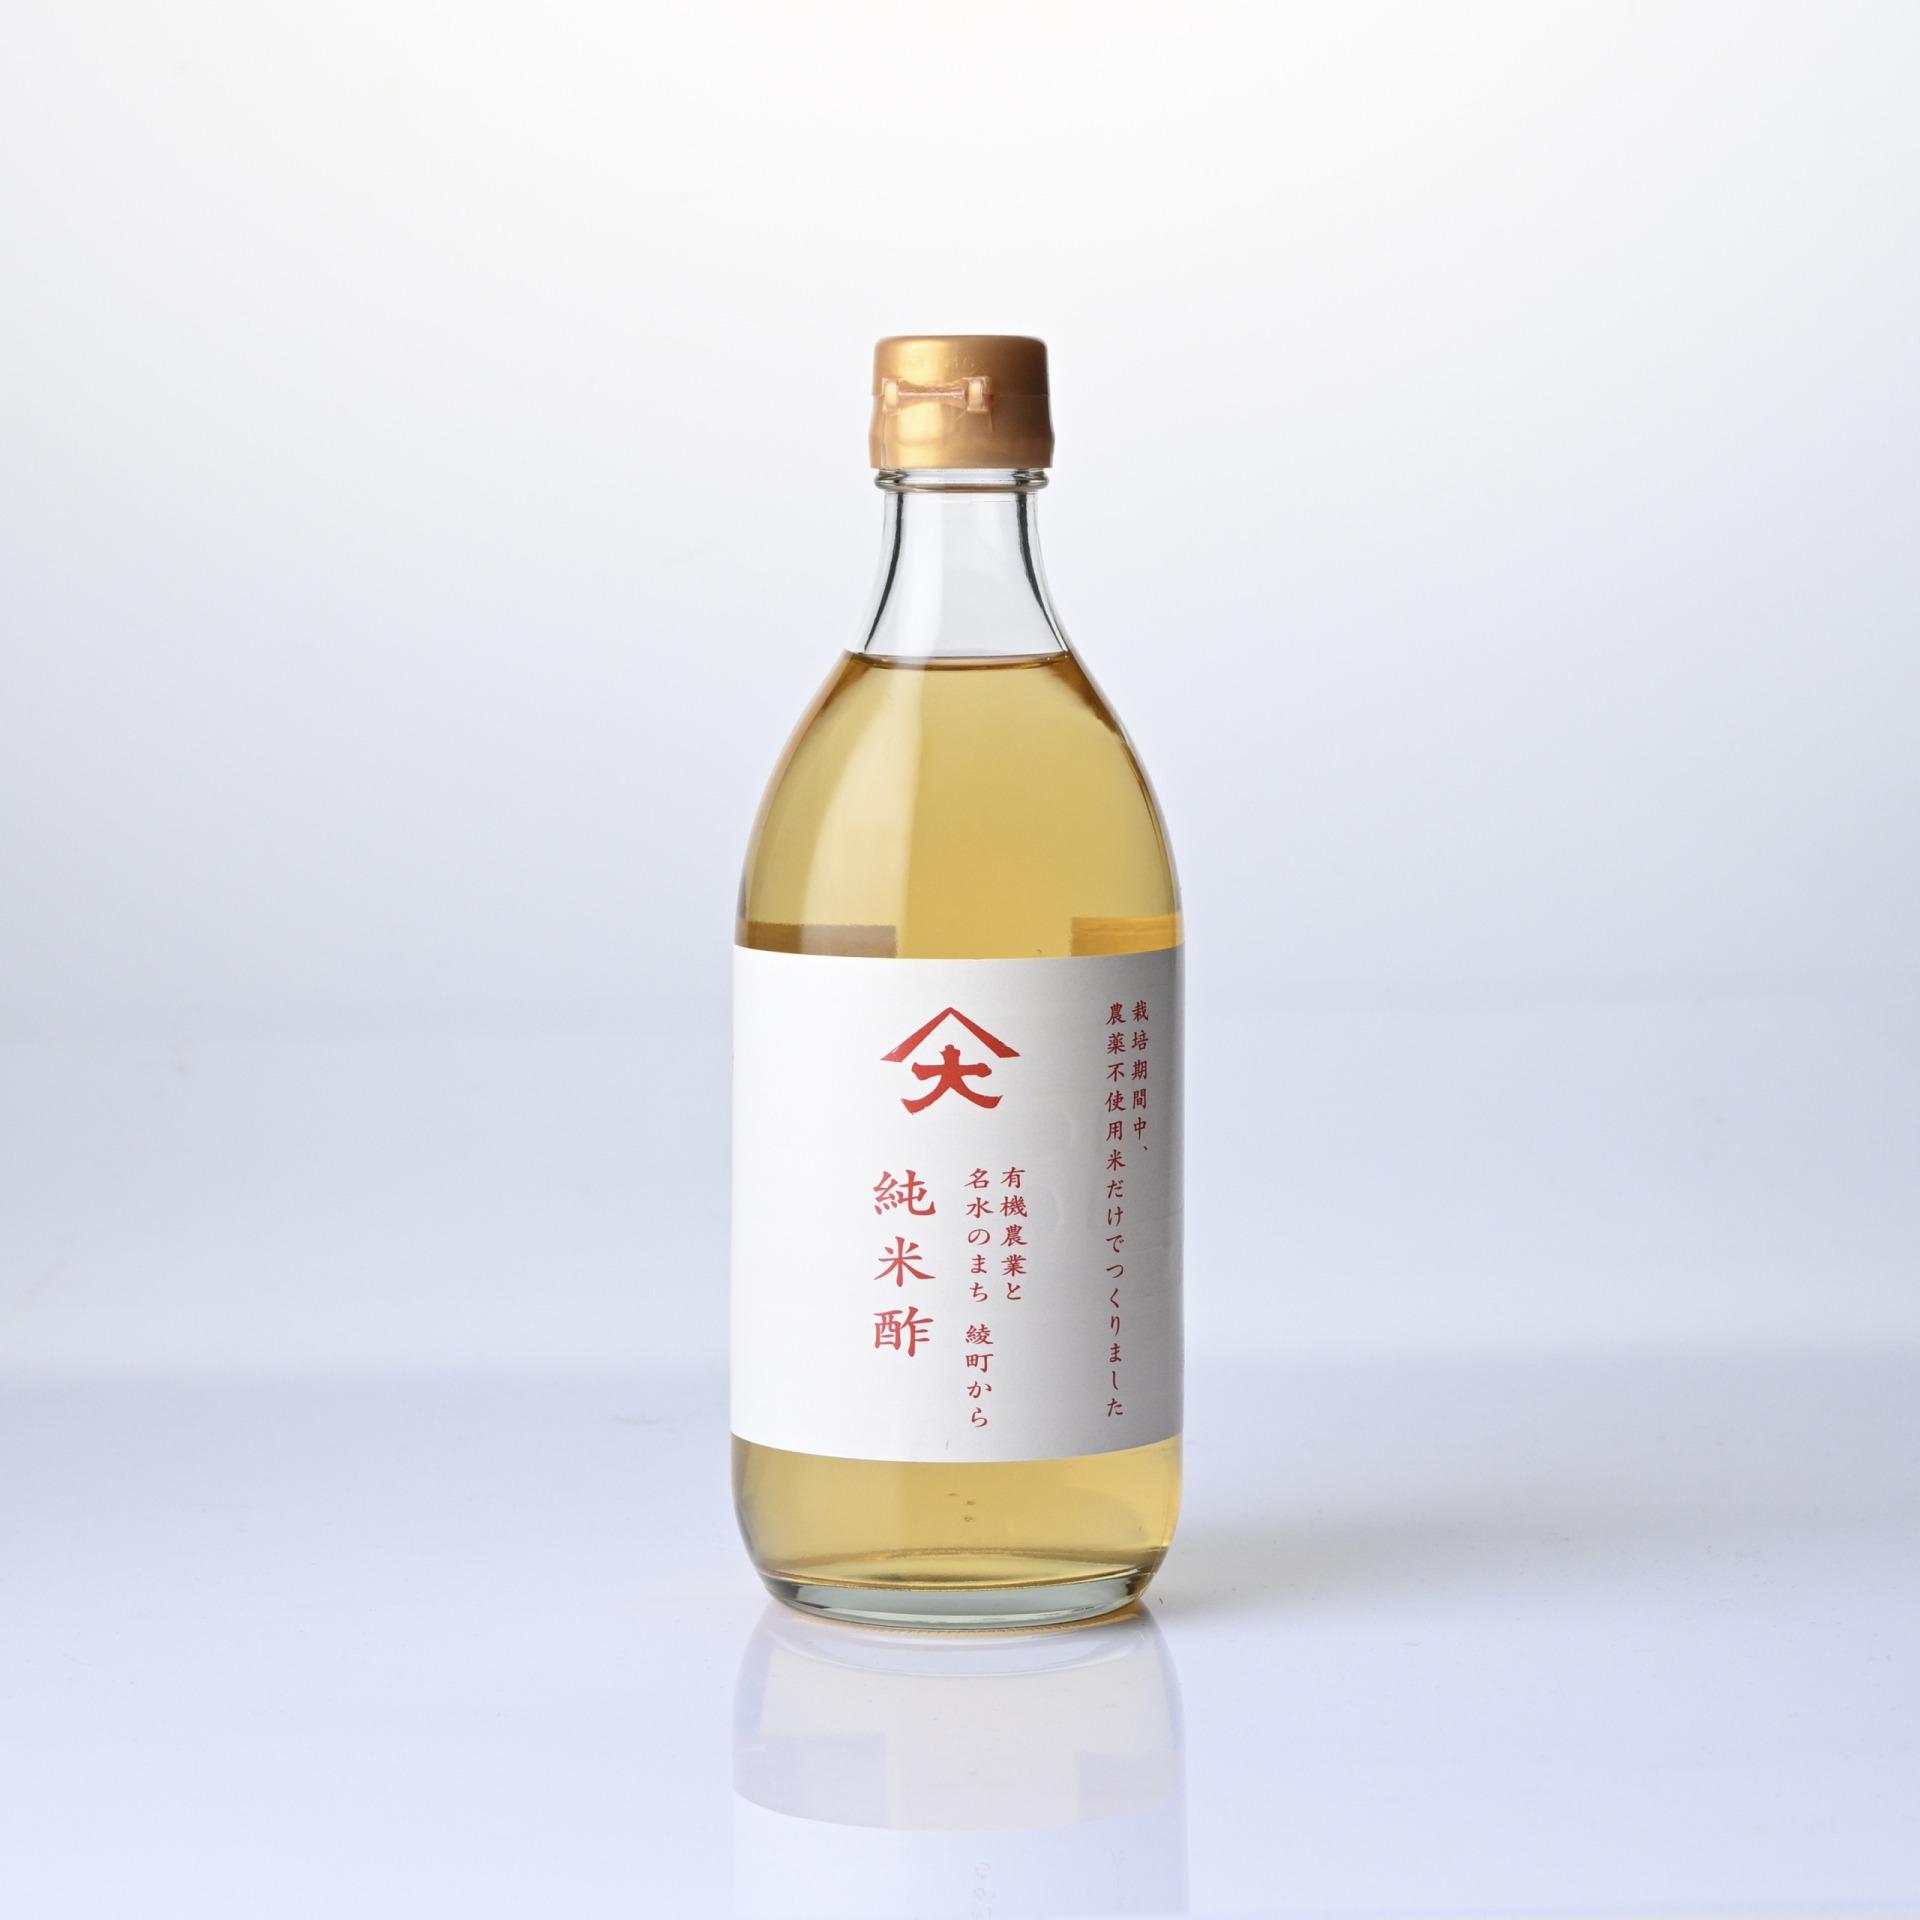 無農薬のお米で作った純米酢500ml